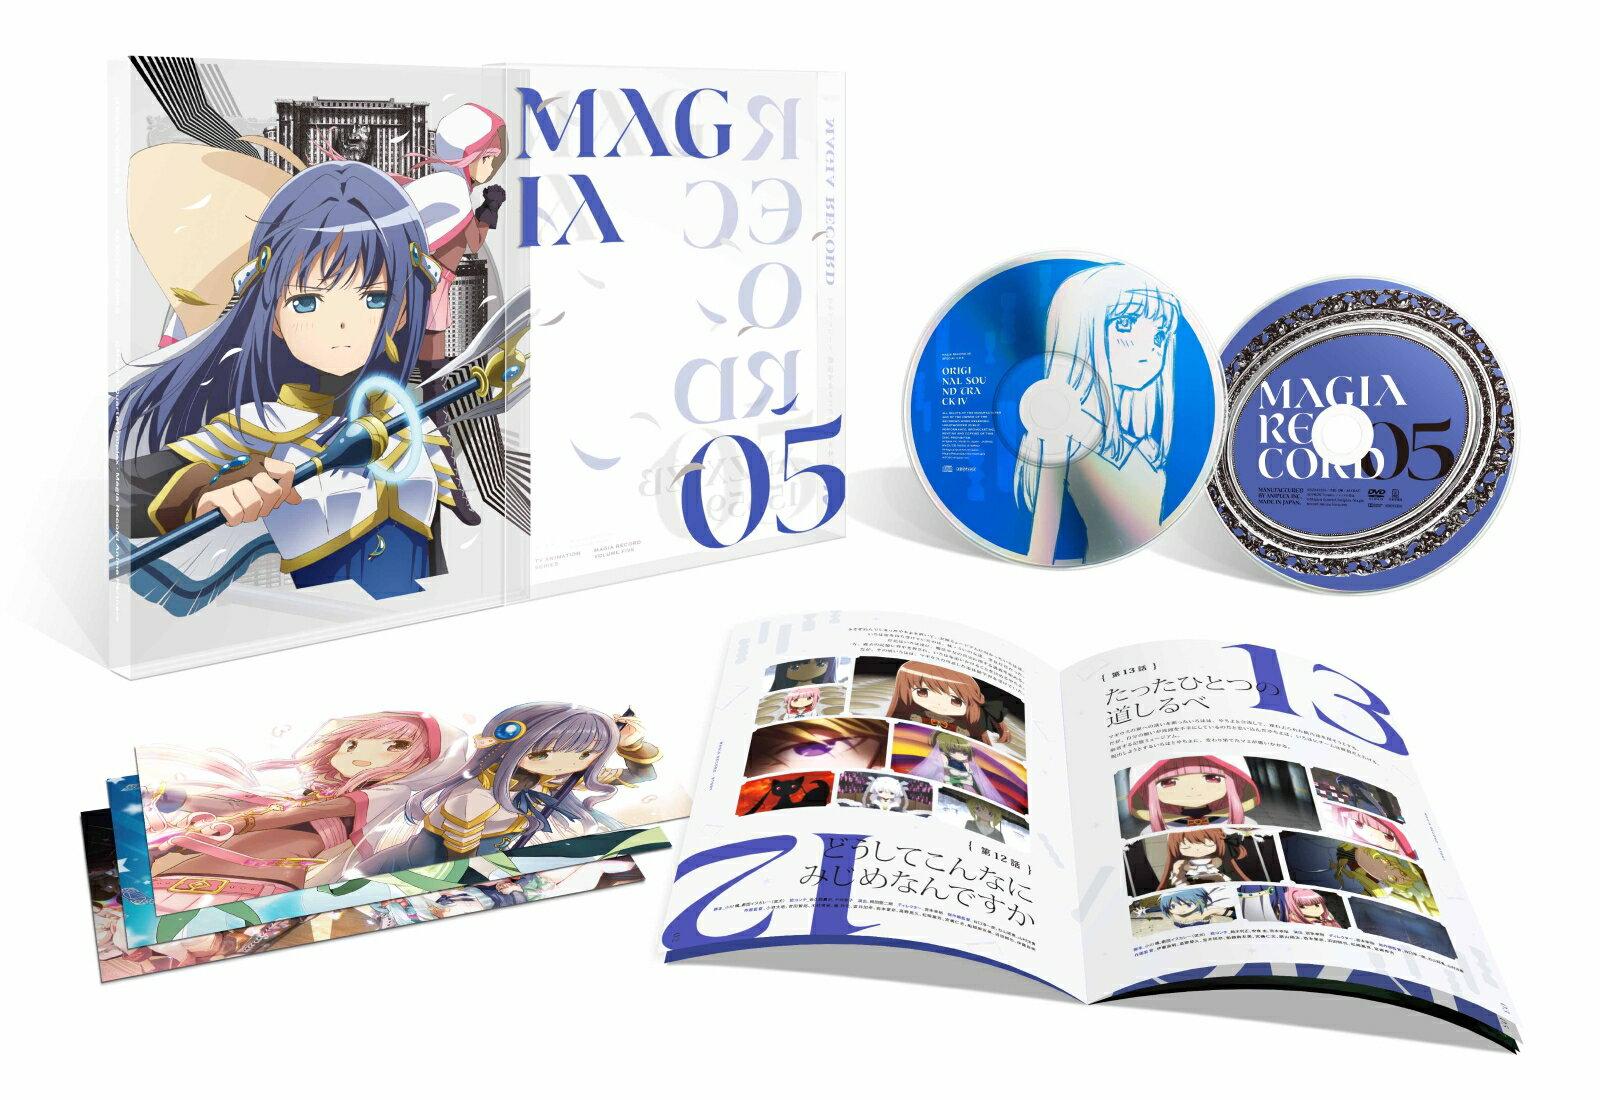 マギアレコード 魔法少女まどか☆マギカ外伝 5(完全生産限定版)